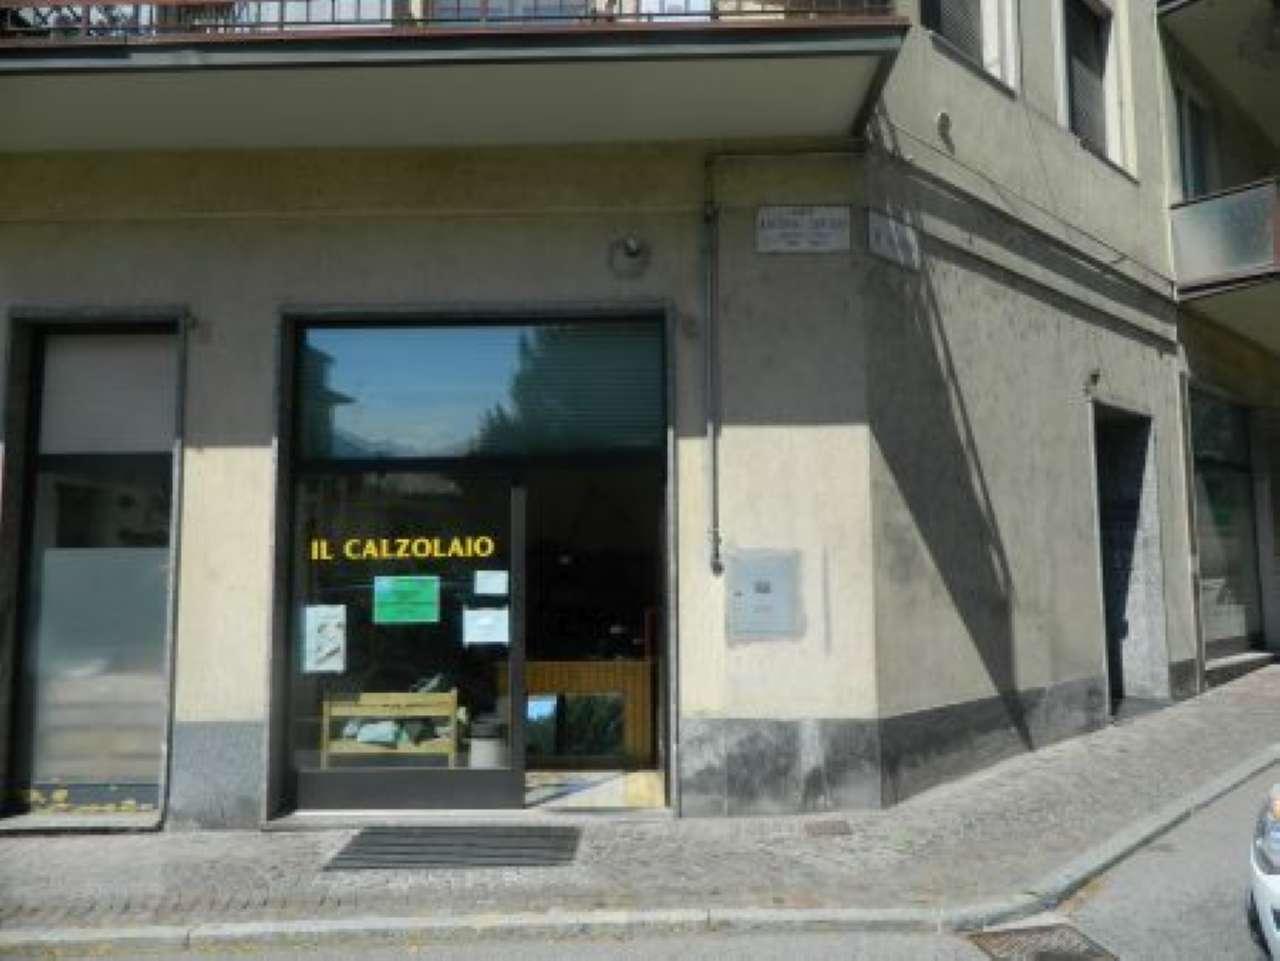 Negozio / Locale in affitto a Sondrio, 2 locali, prezzo € 570 | PortaleAgenzieImmobiliari.it